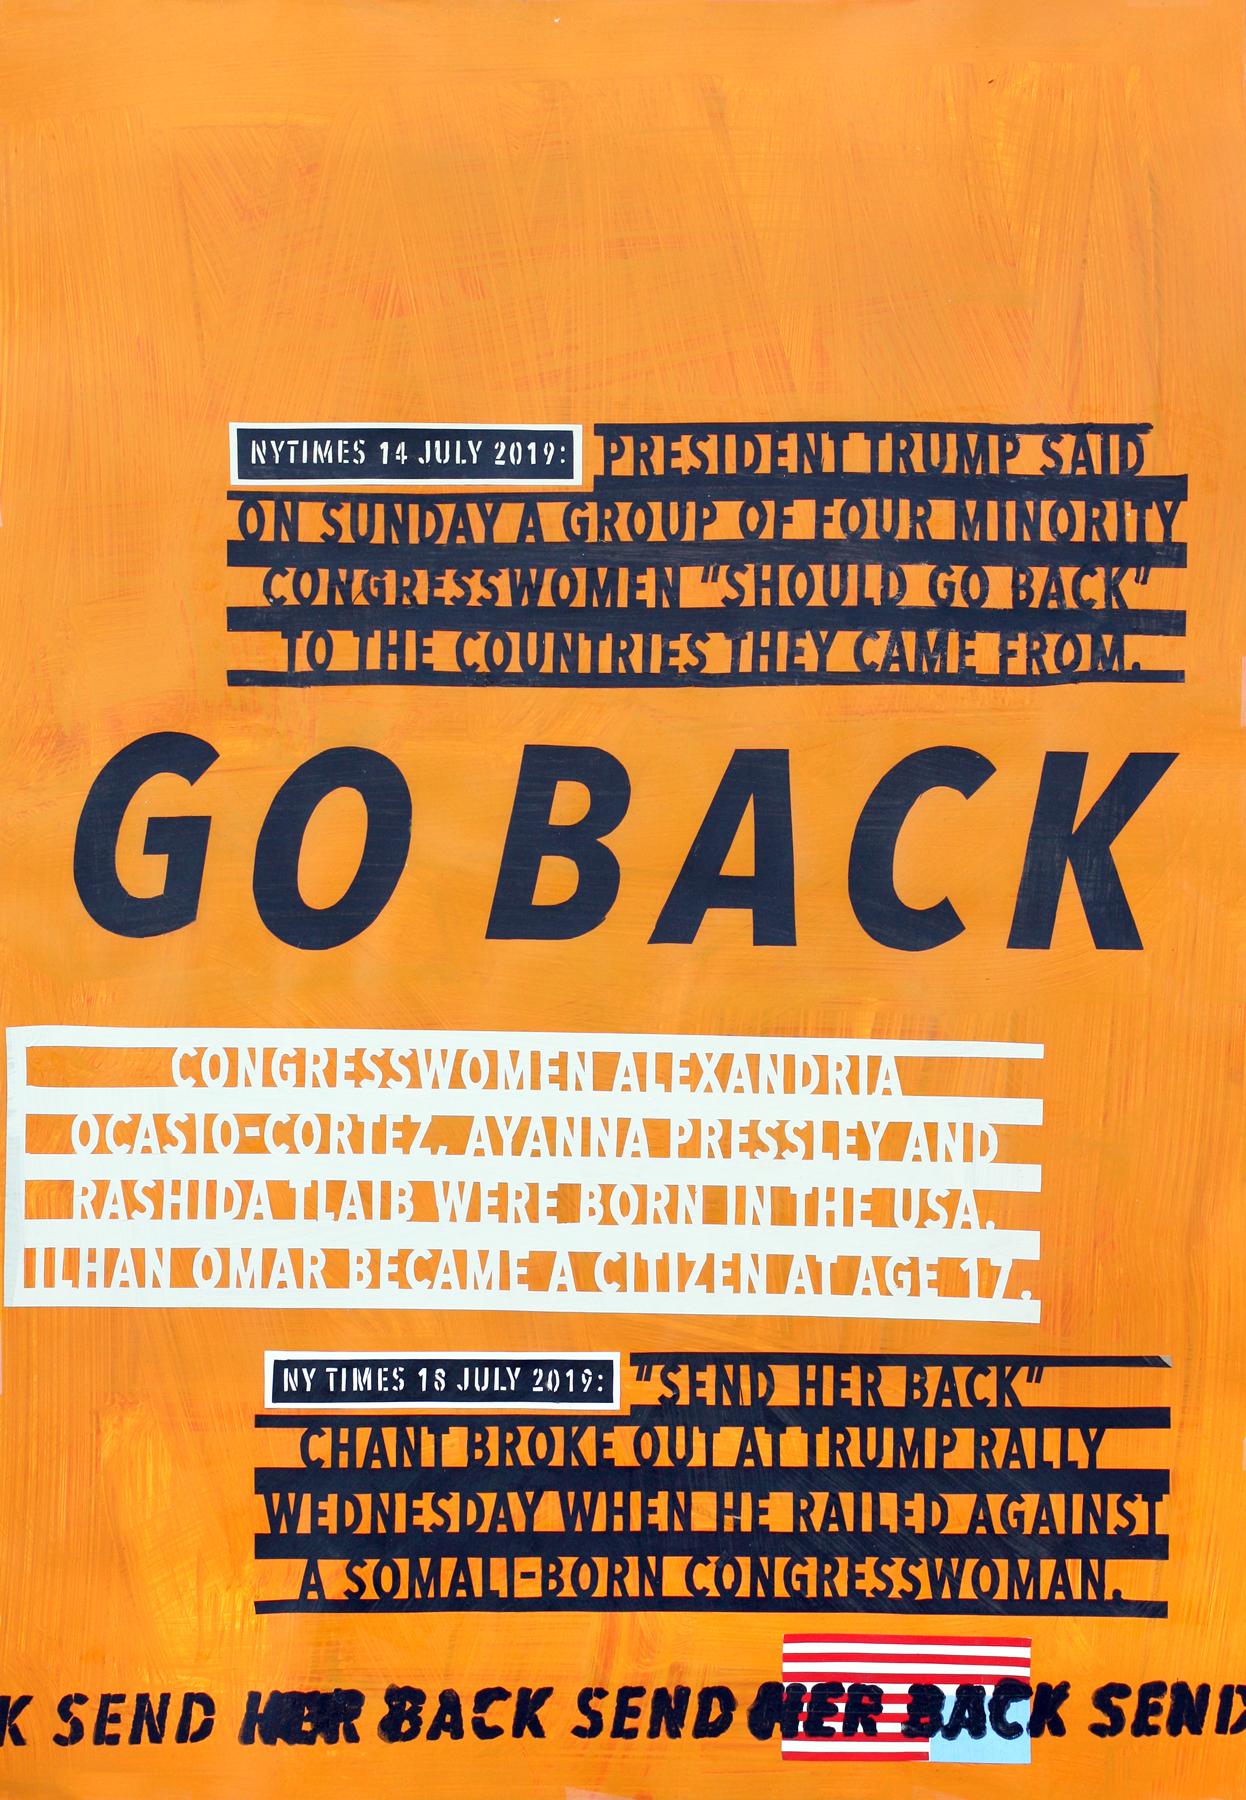 Trump says: Go Back!